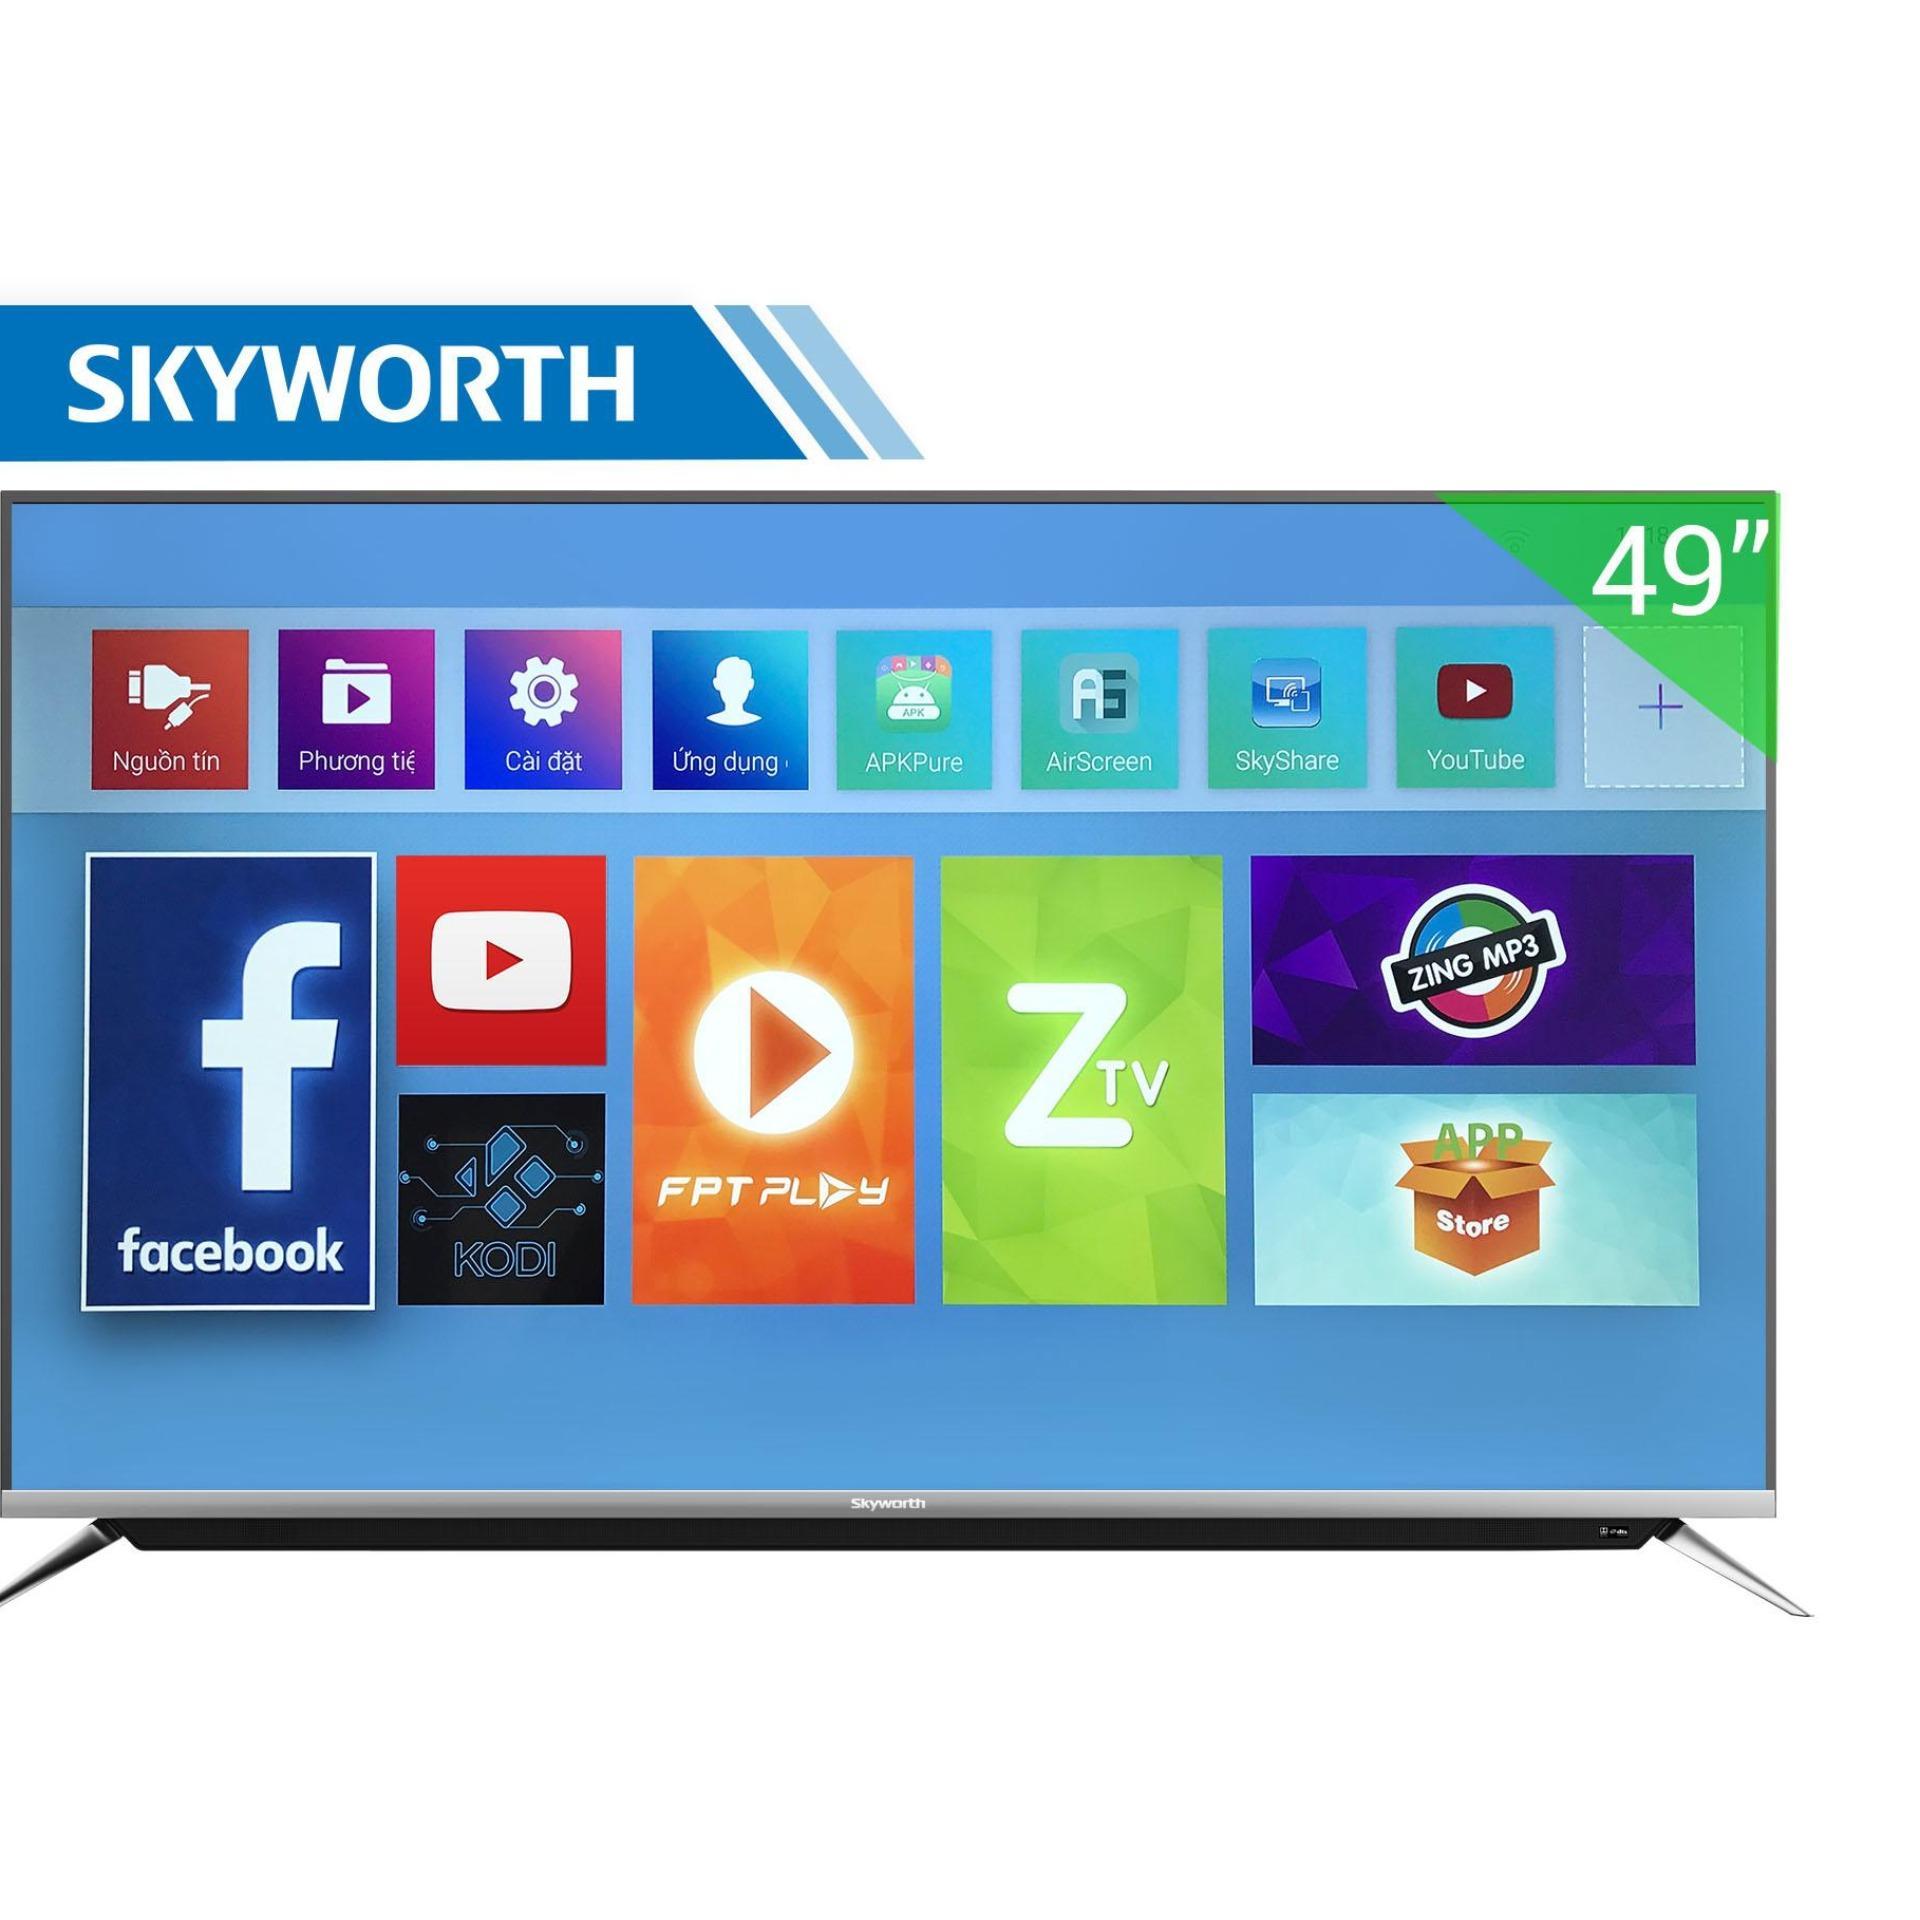 Smart Tivi Skyworth 49 inch 4K – Model 49G6A1T3VN (Đen) - Hãng phân phối chính thức